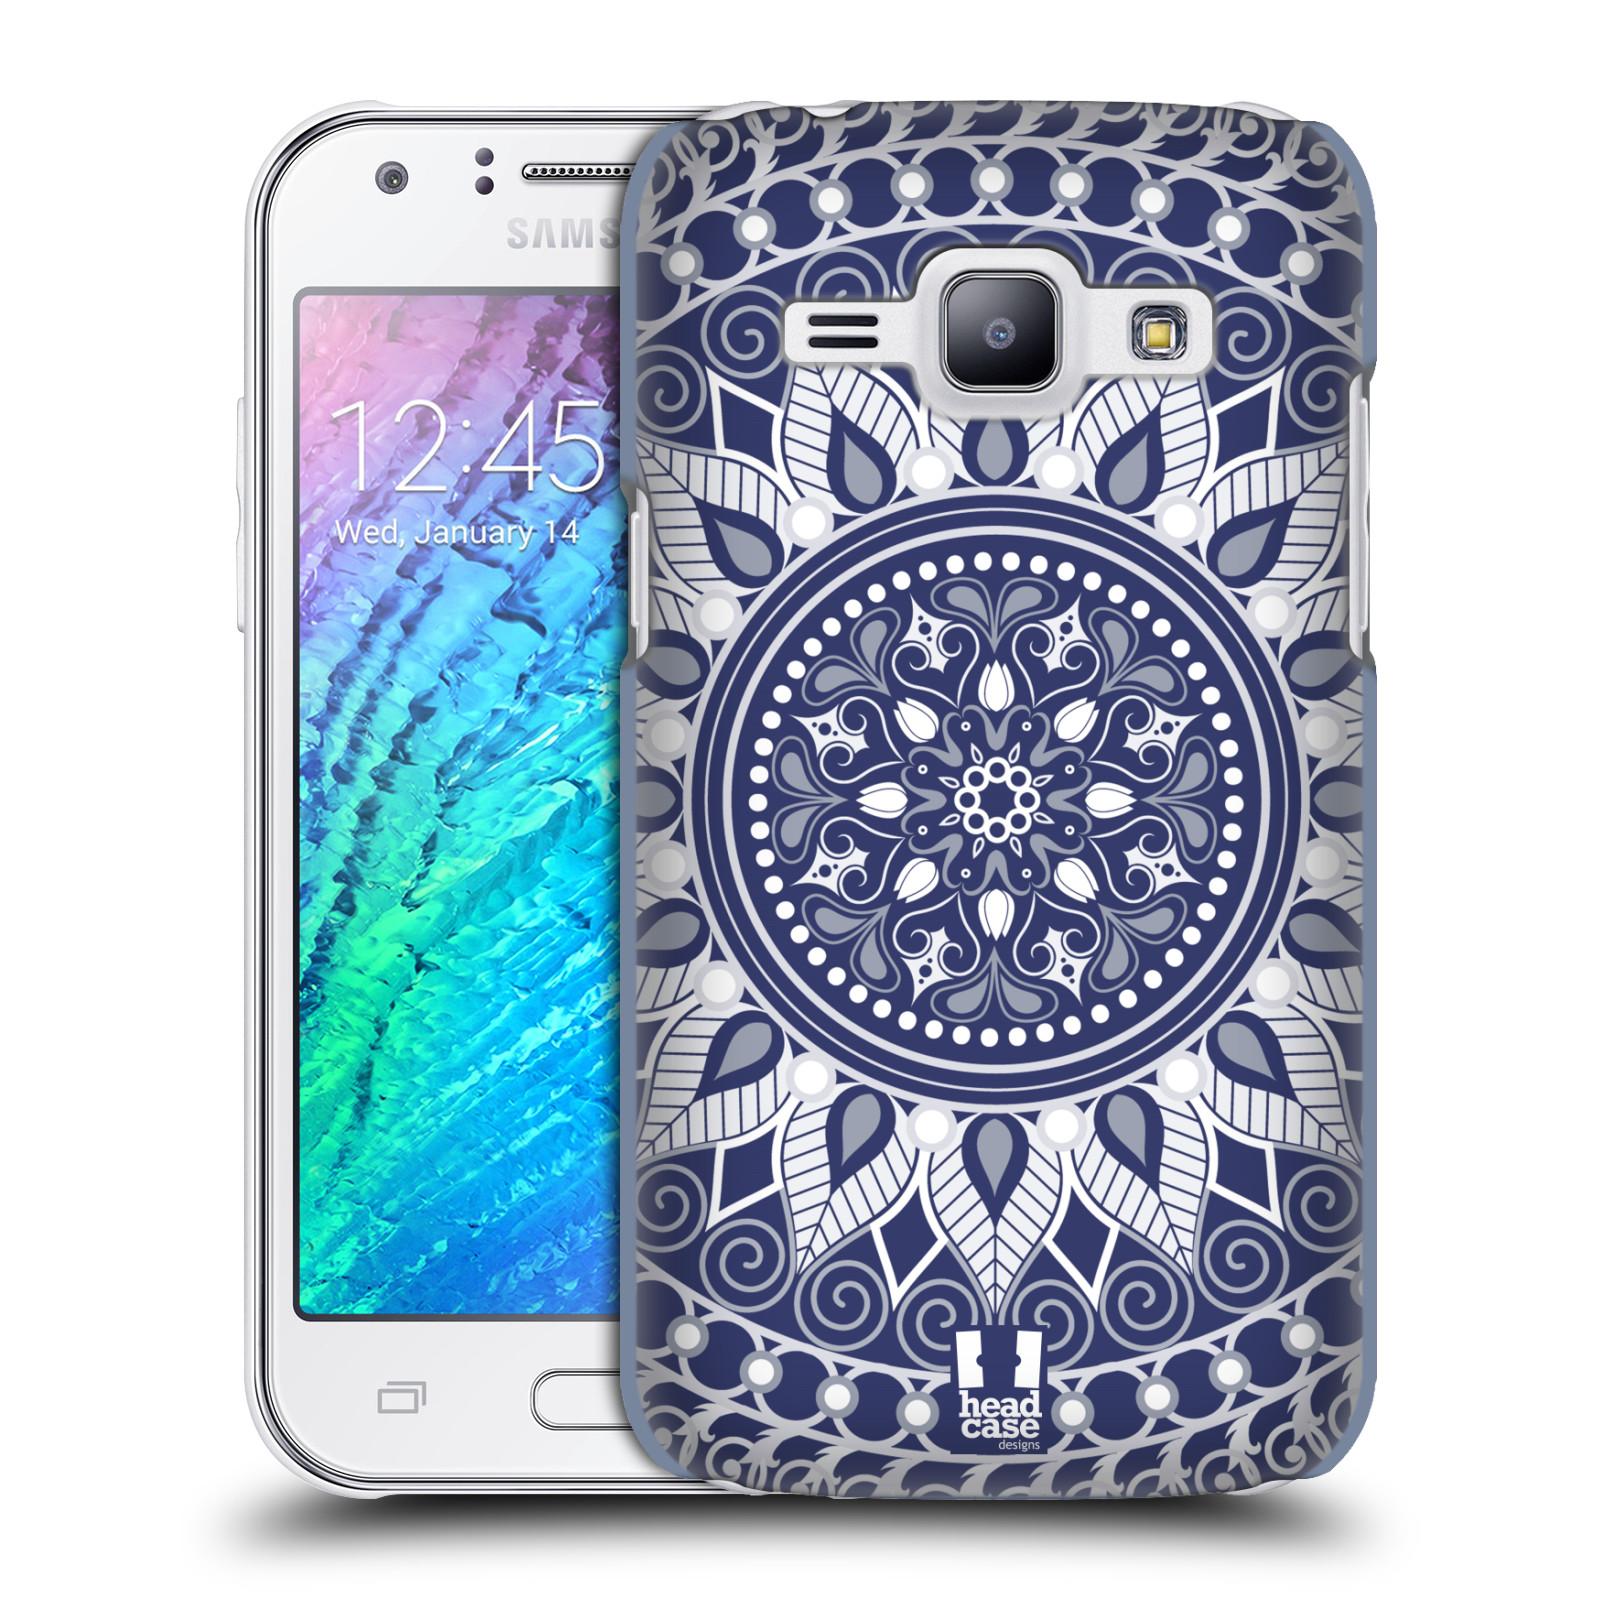 HEAD CASE plastový obal na mobil SAMSUNG Galaxy J1, J100 vzor Indie Mandala slunce barevný motiv MODRÁ